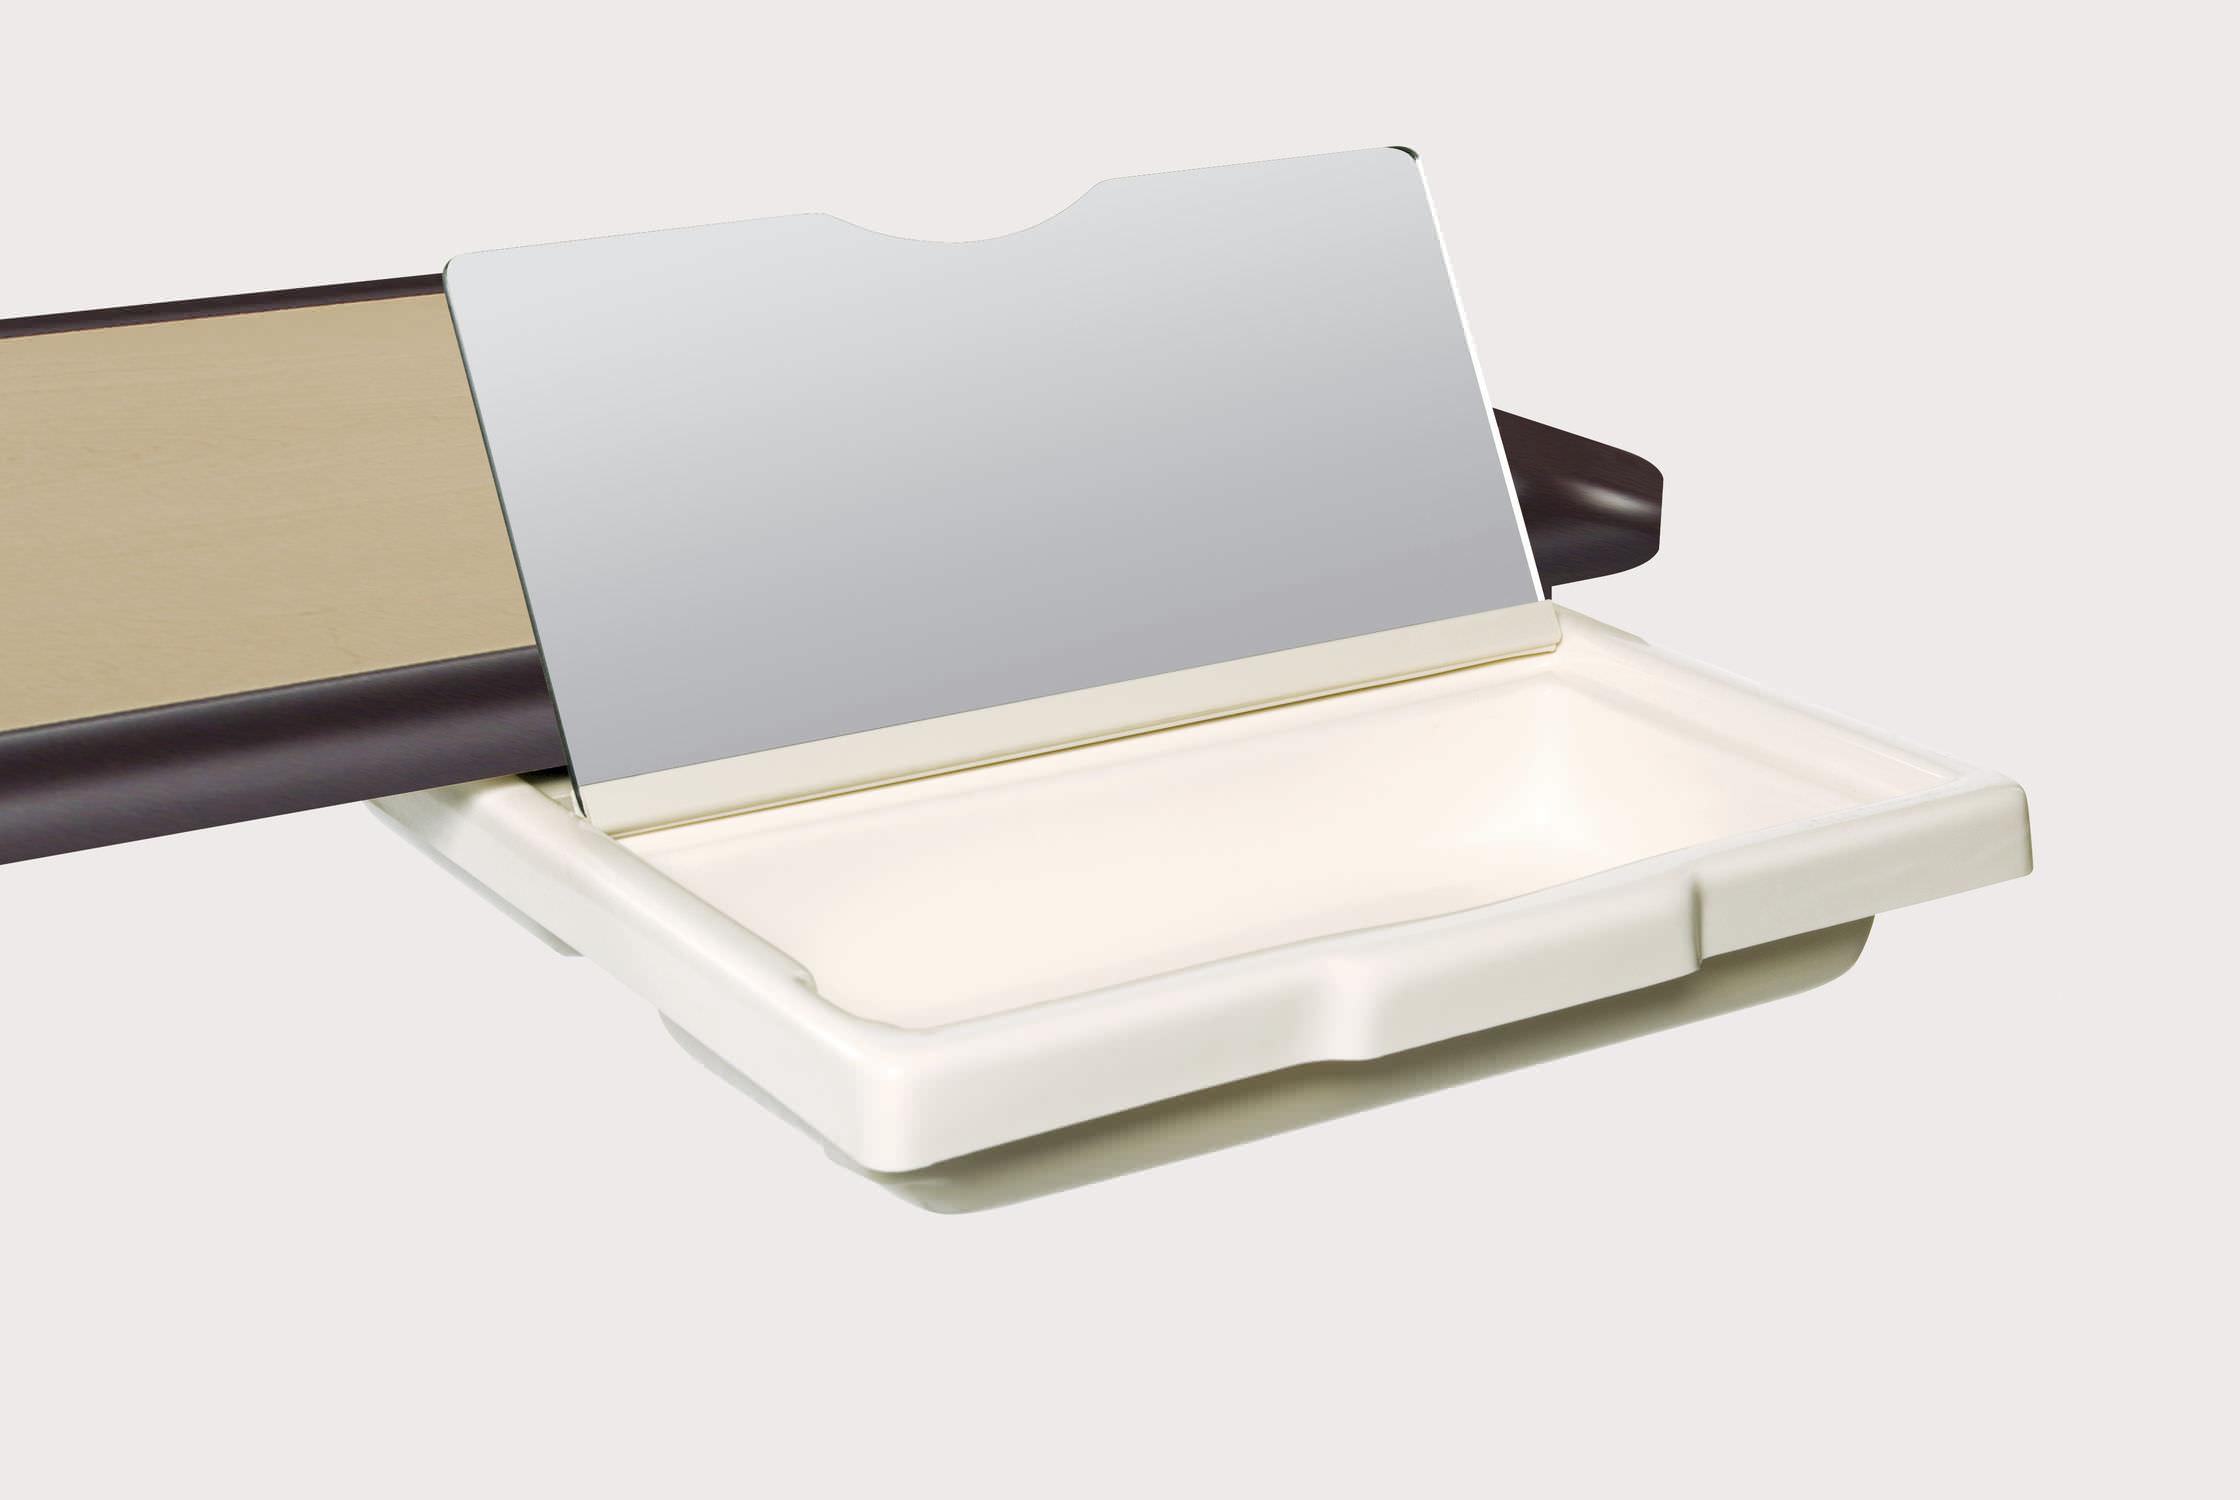 Betten mit rollen : Bett ahorn beste doppelbett in holzdekor mit rollen #40730 haus